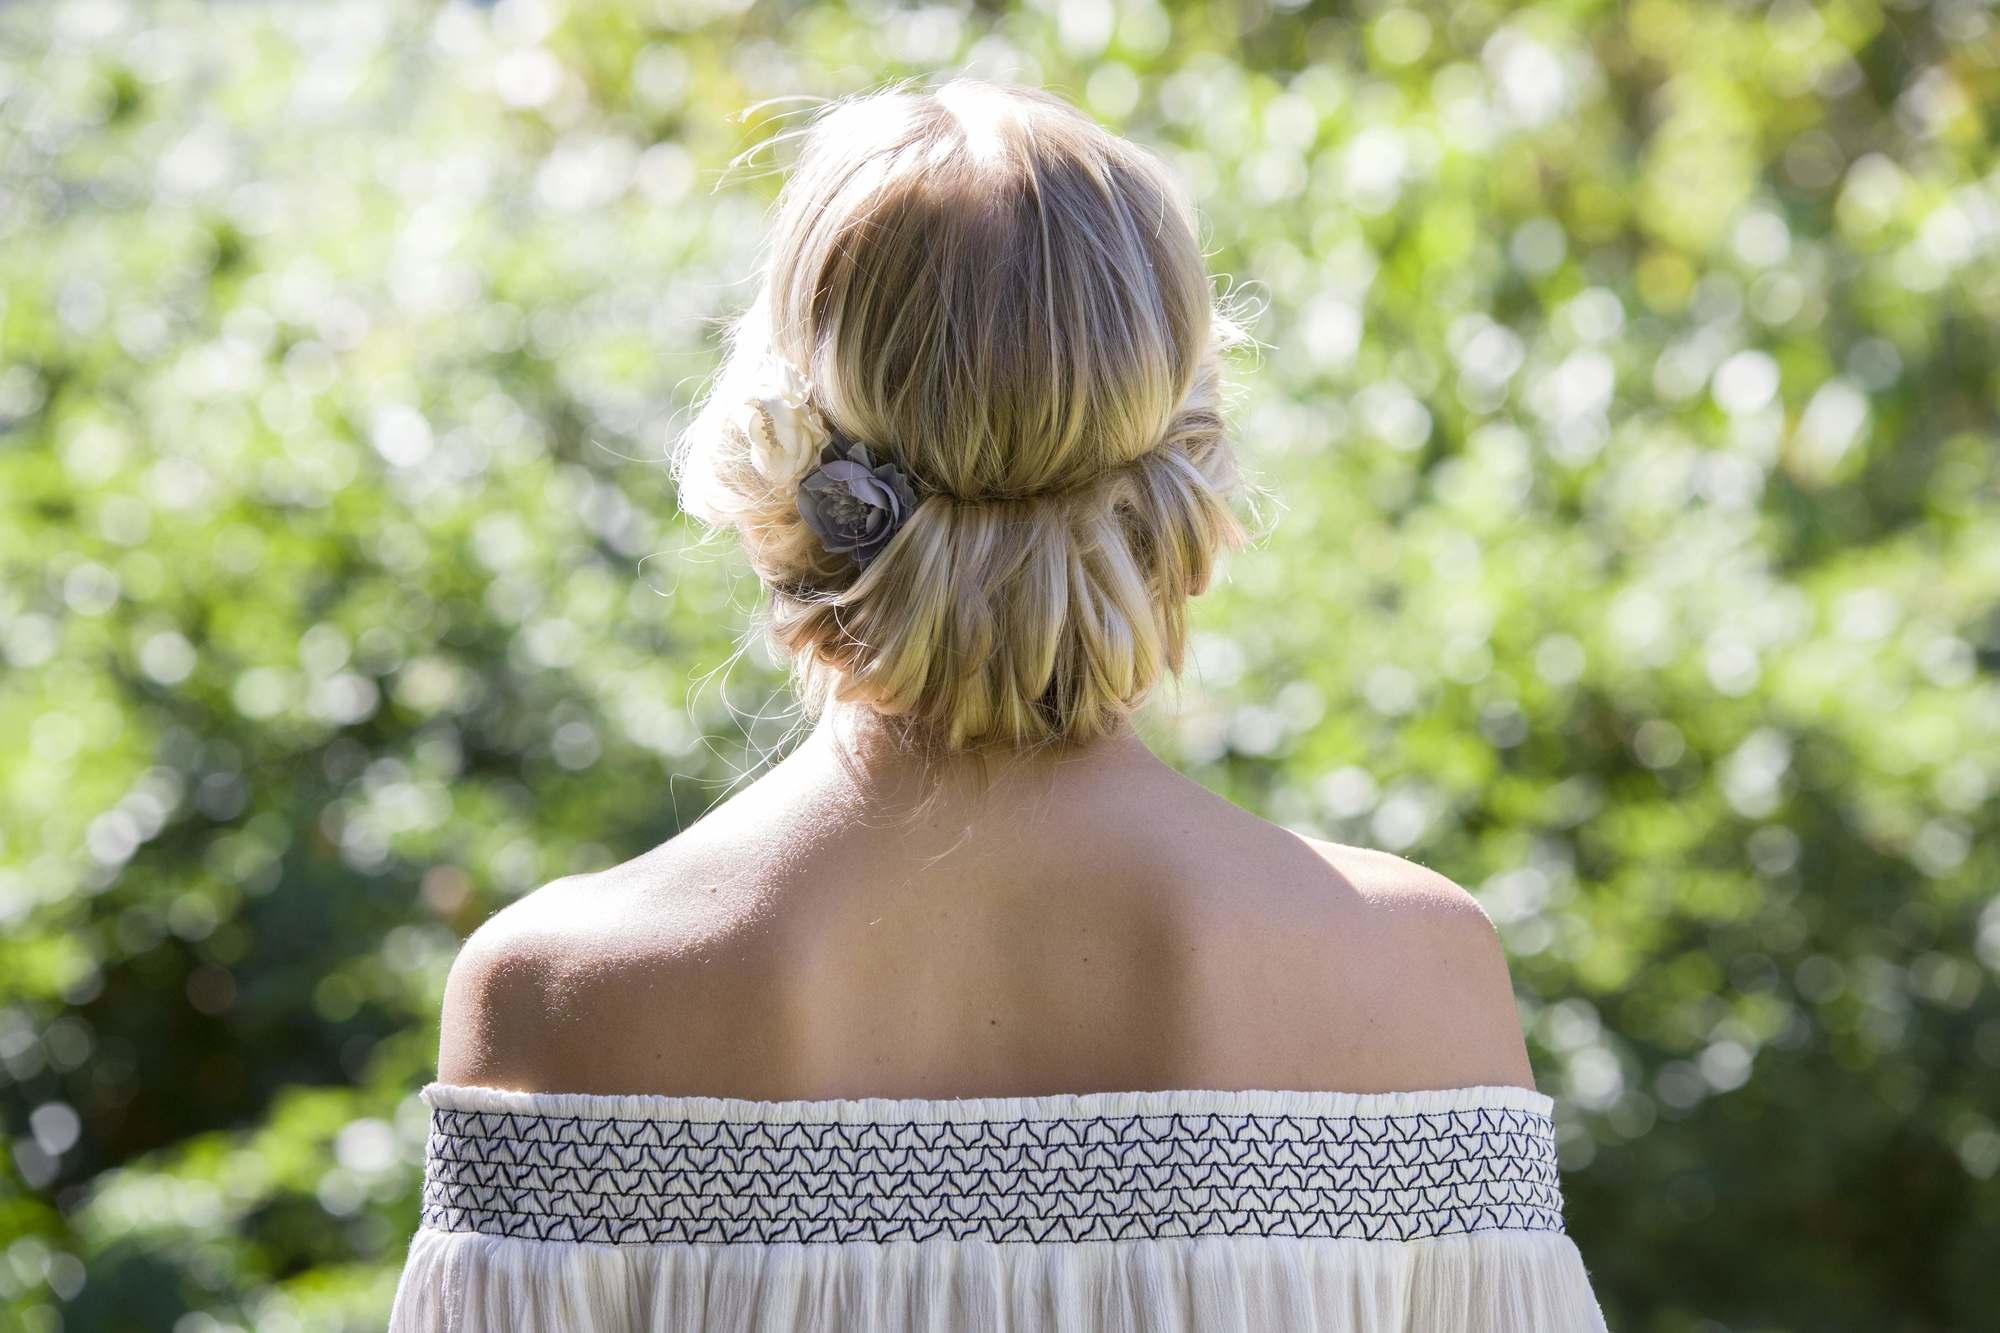 blonde cendrée : arrière de la tête d'une femme aux cheveux blonds tordus en une coiffure de type tuck, portant un haut bardot décolleté et posant à l'extérieur.